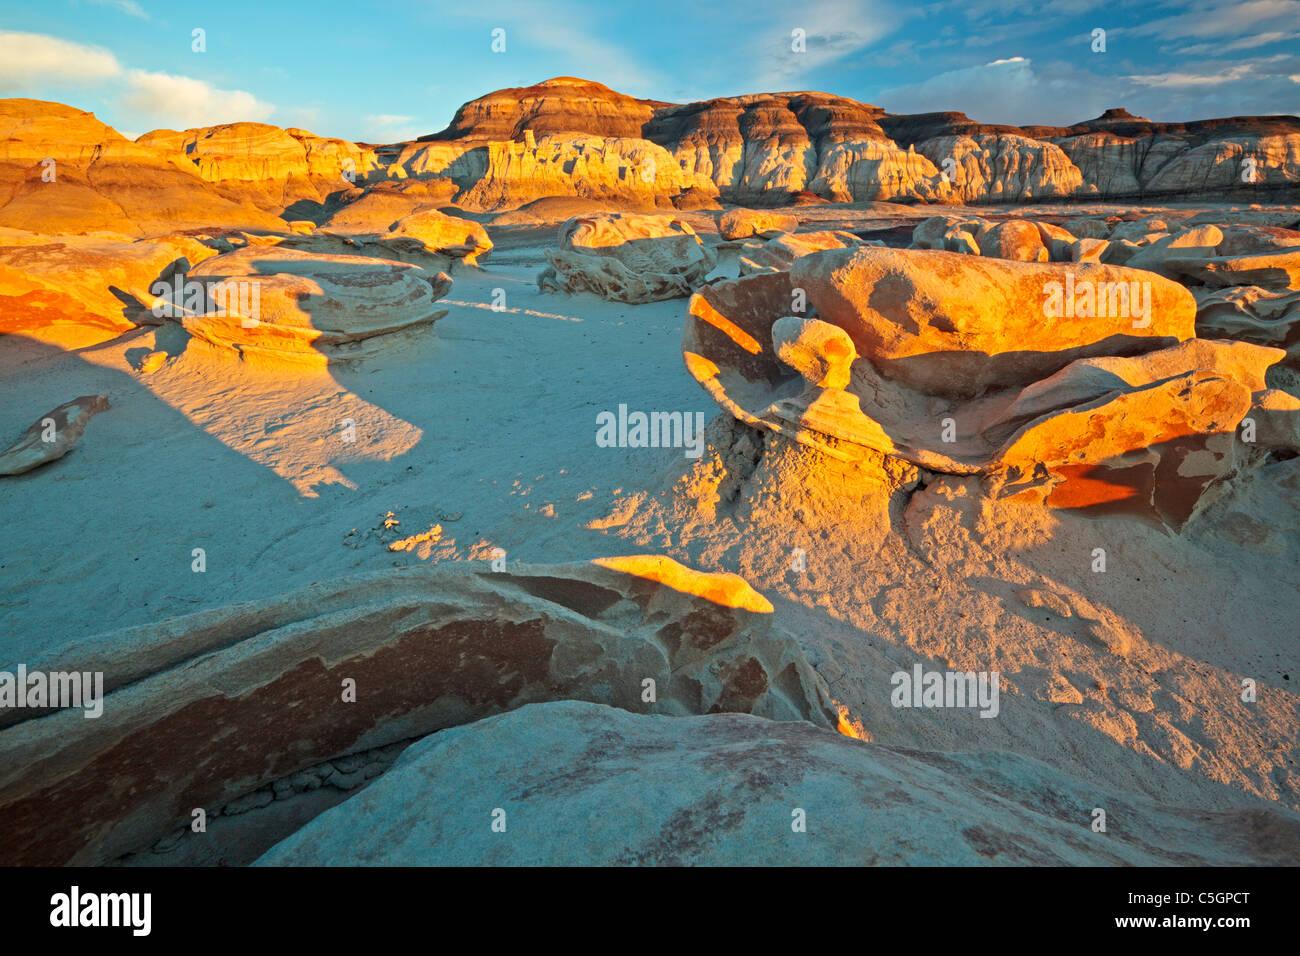 Bisti & De Na Zin Wilderness, Nuovo Messico, STATI UNITI D'AMERICA Immagini Stock